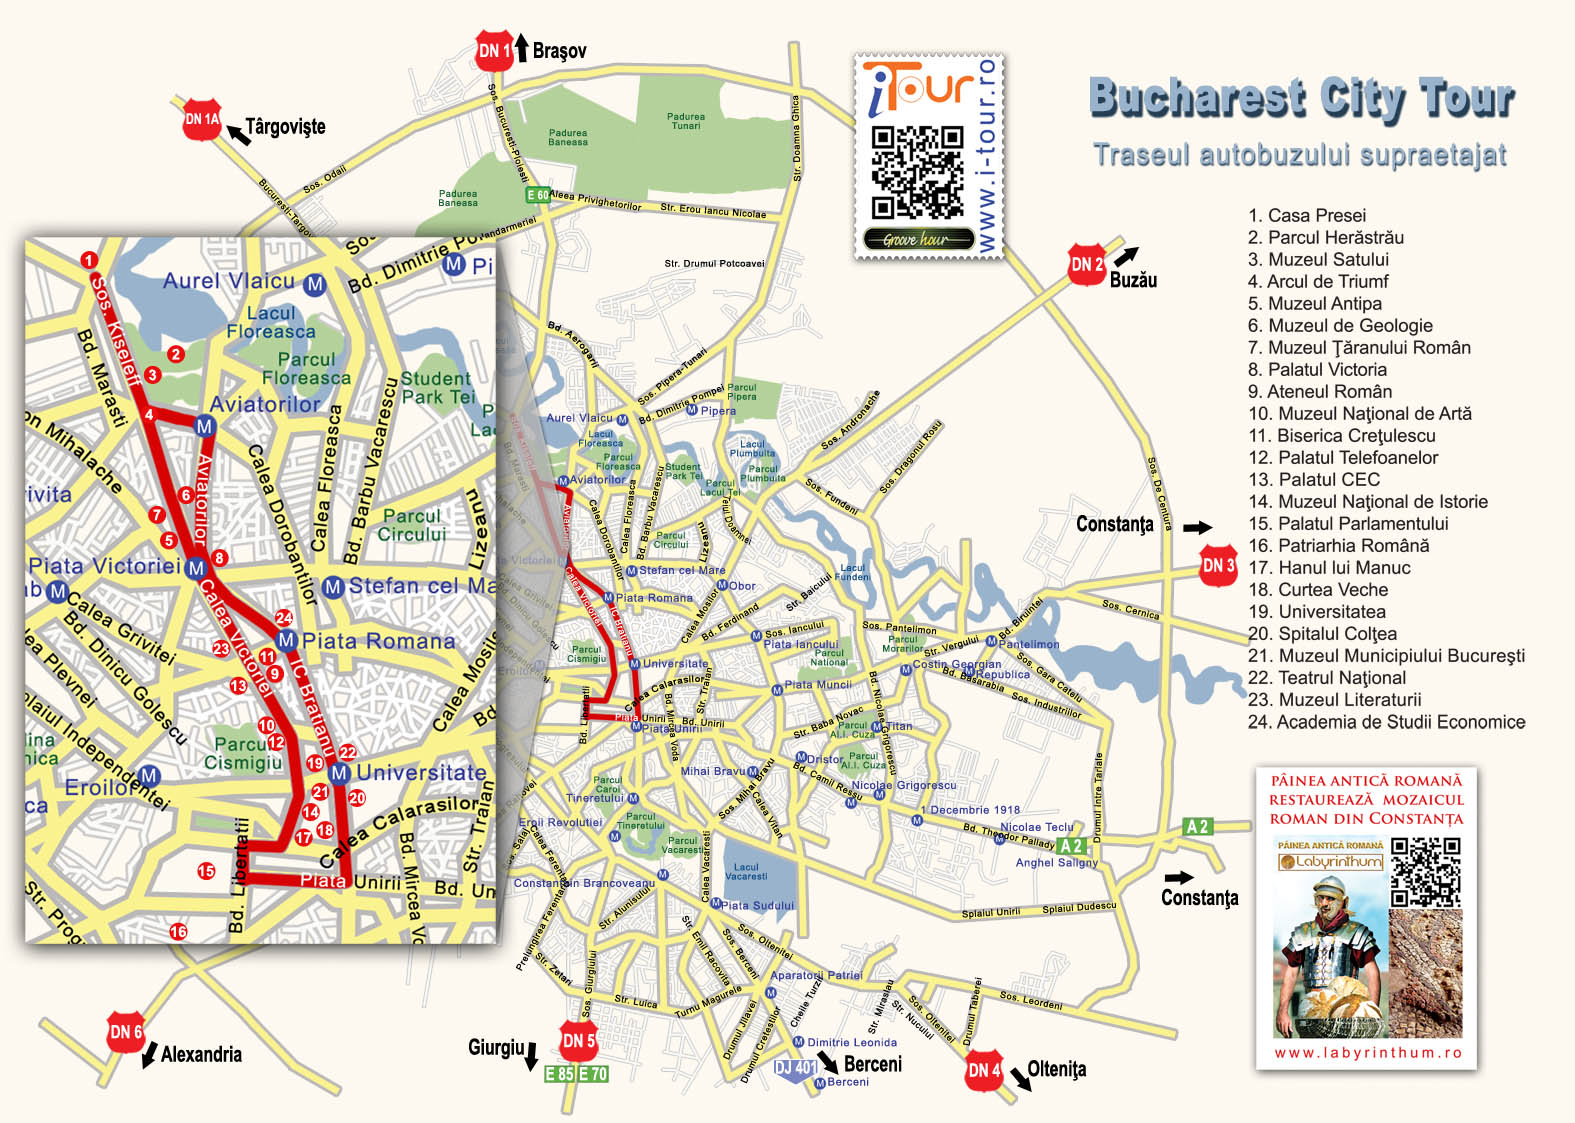 Harta traseu autobuz supraetajat, Bucuresti